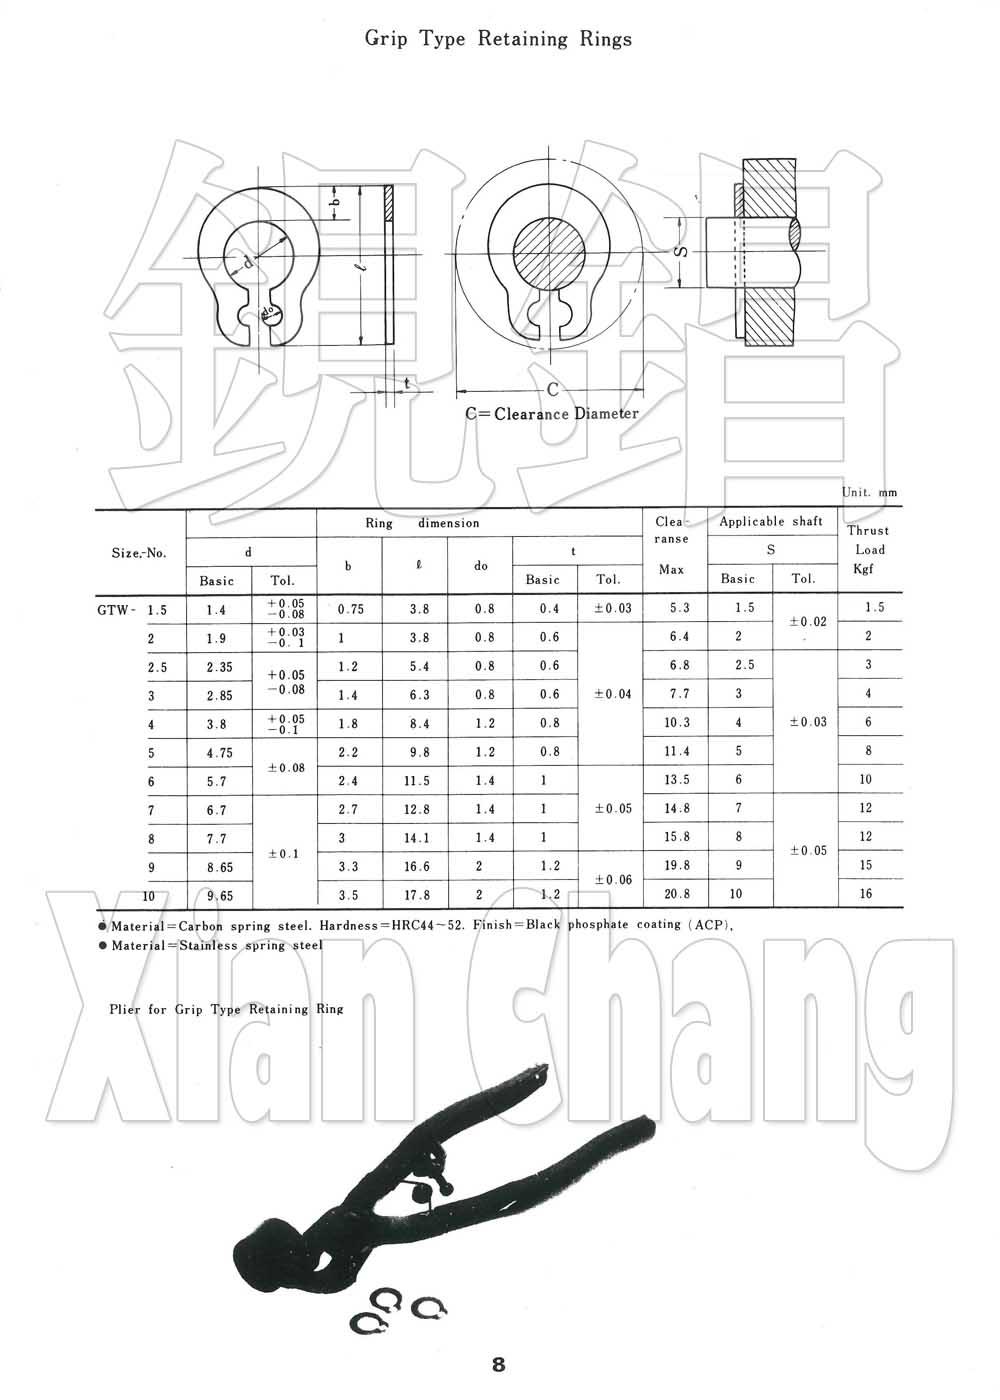 Grip Type Retaining Rings